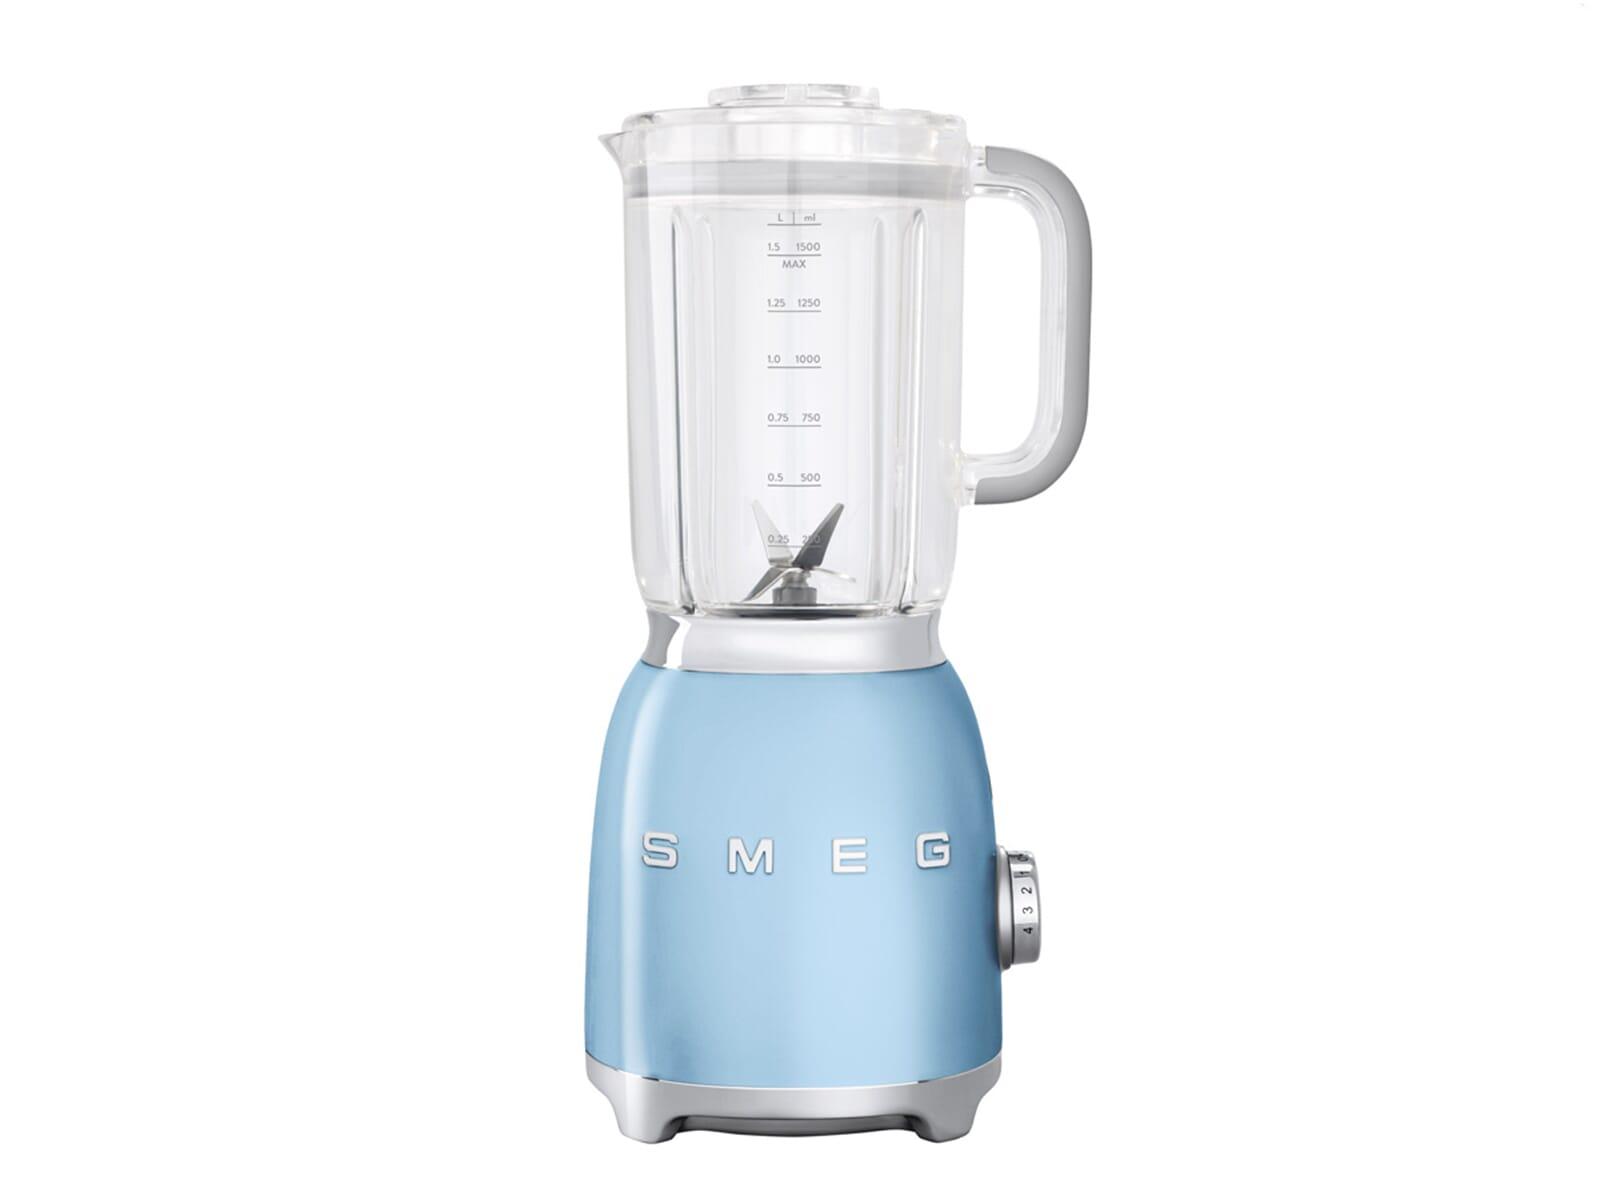 Smeg Kühlschrank Pastellblau : Smeg blf01pbeu standmixer pastellblau